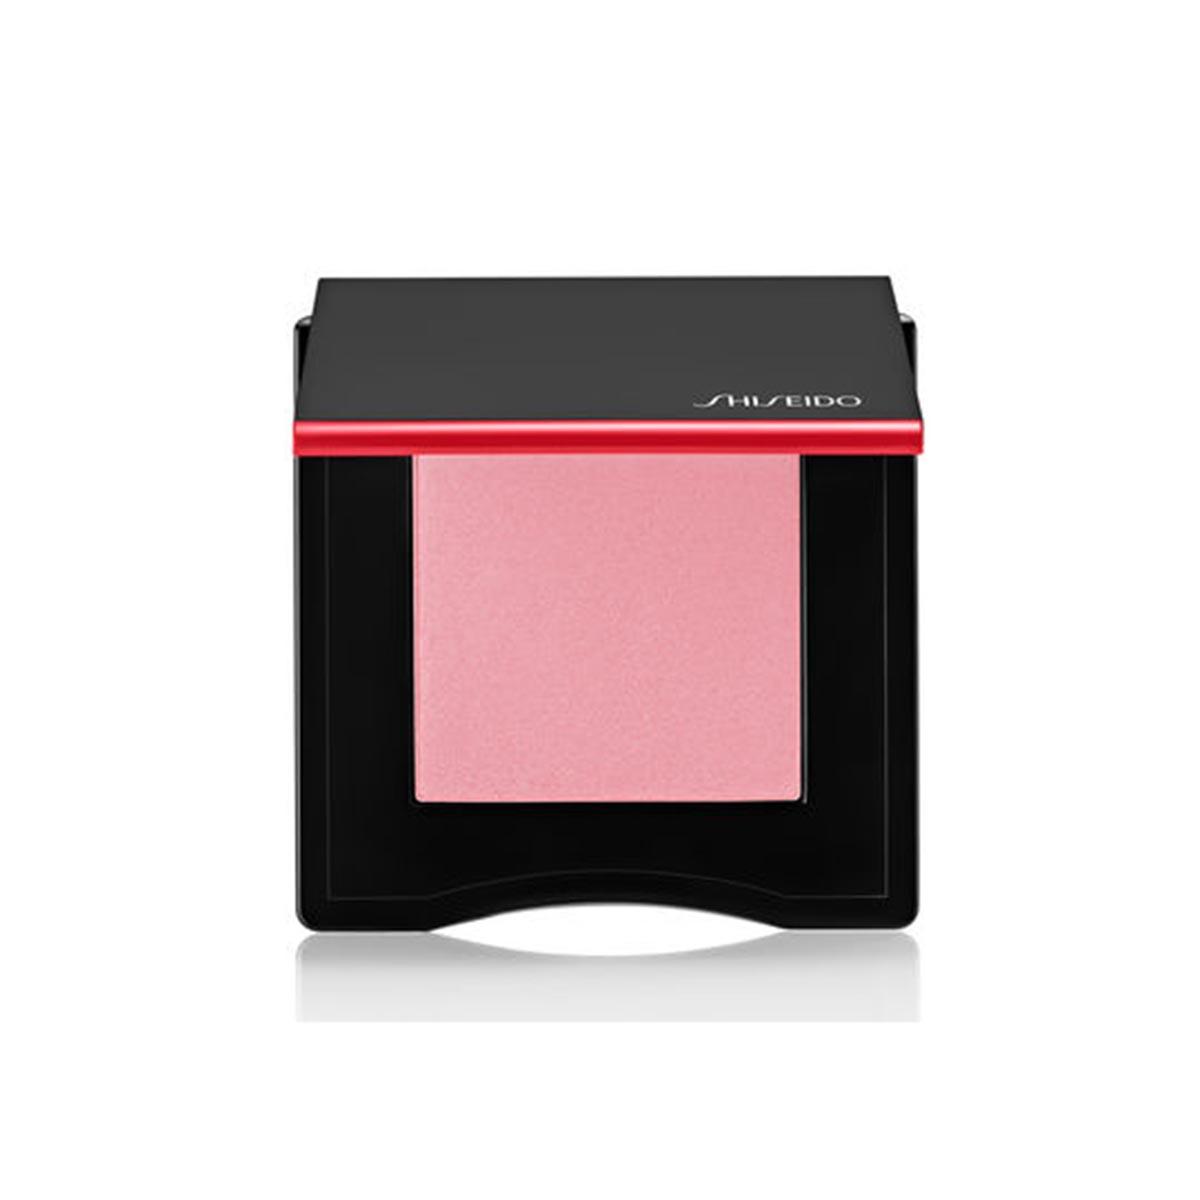 Shiseido innerglow cheek powder 04